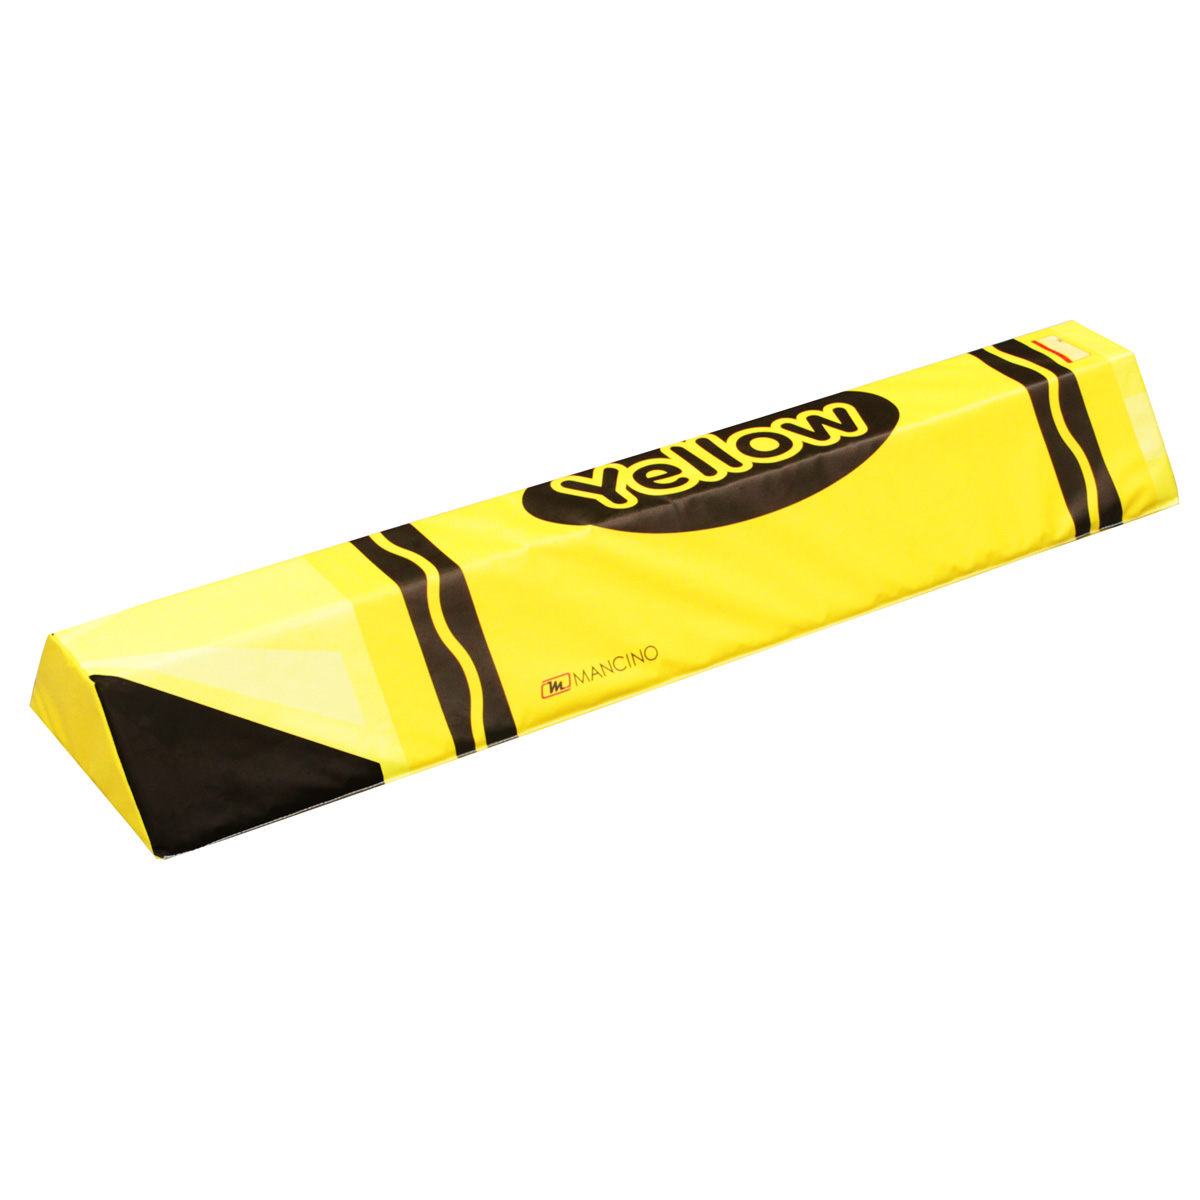 yellow crayon soft foam plank - mancino mats